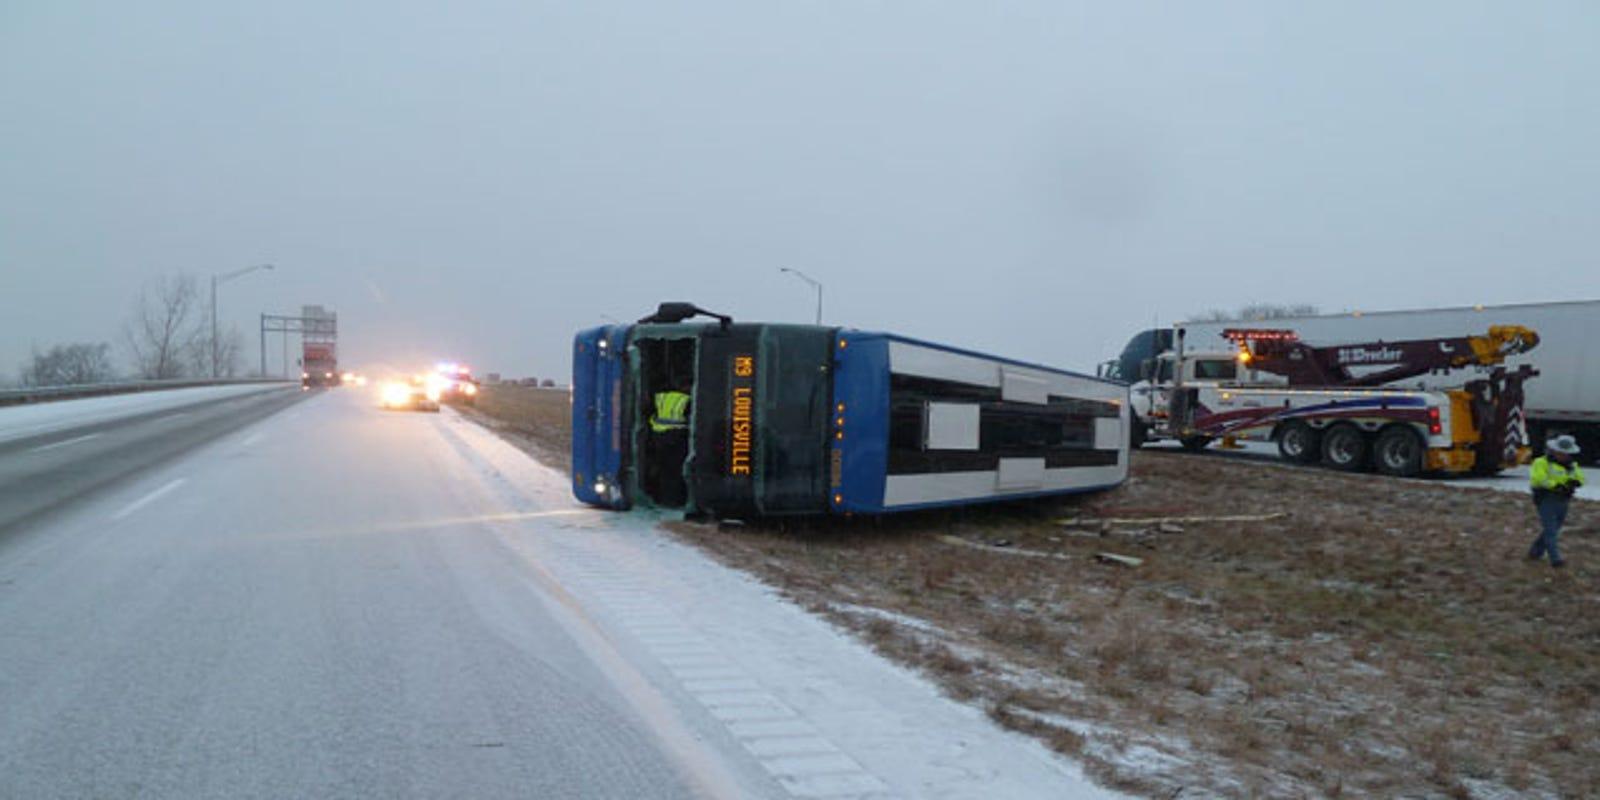 Passengers injured during Megabus crash on I-65 headed to